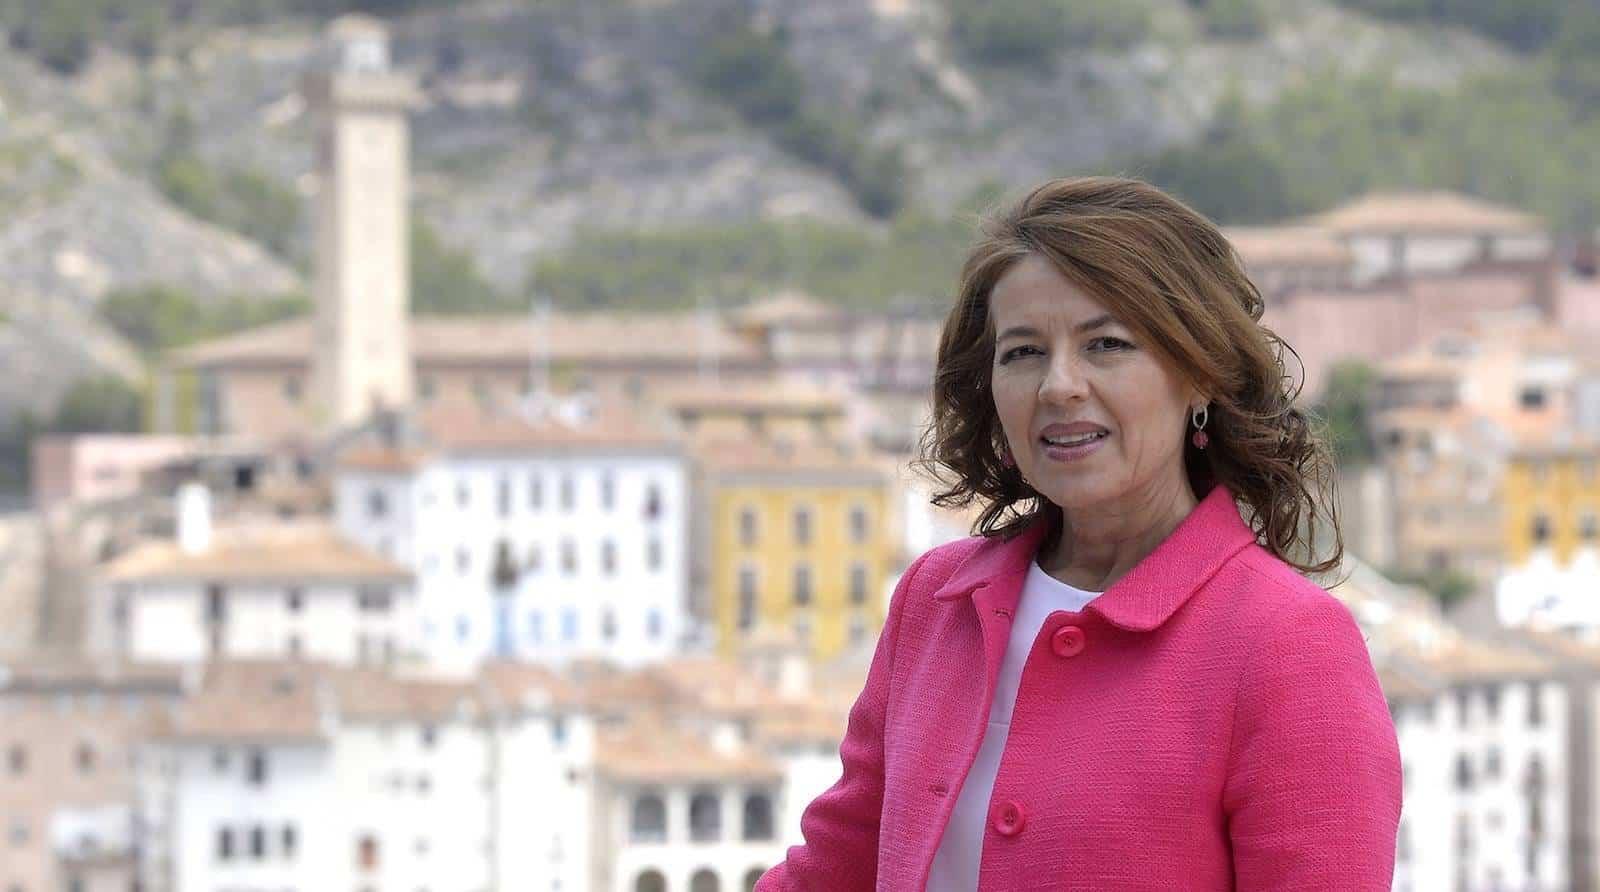 aurelia sanchez consejera bienestar social clm - La mirada del párkinson